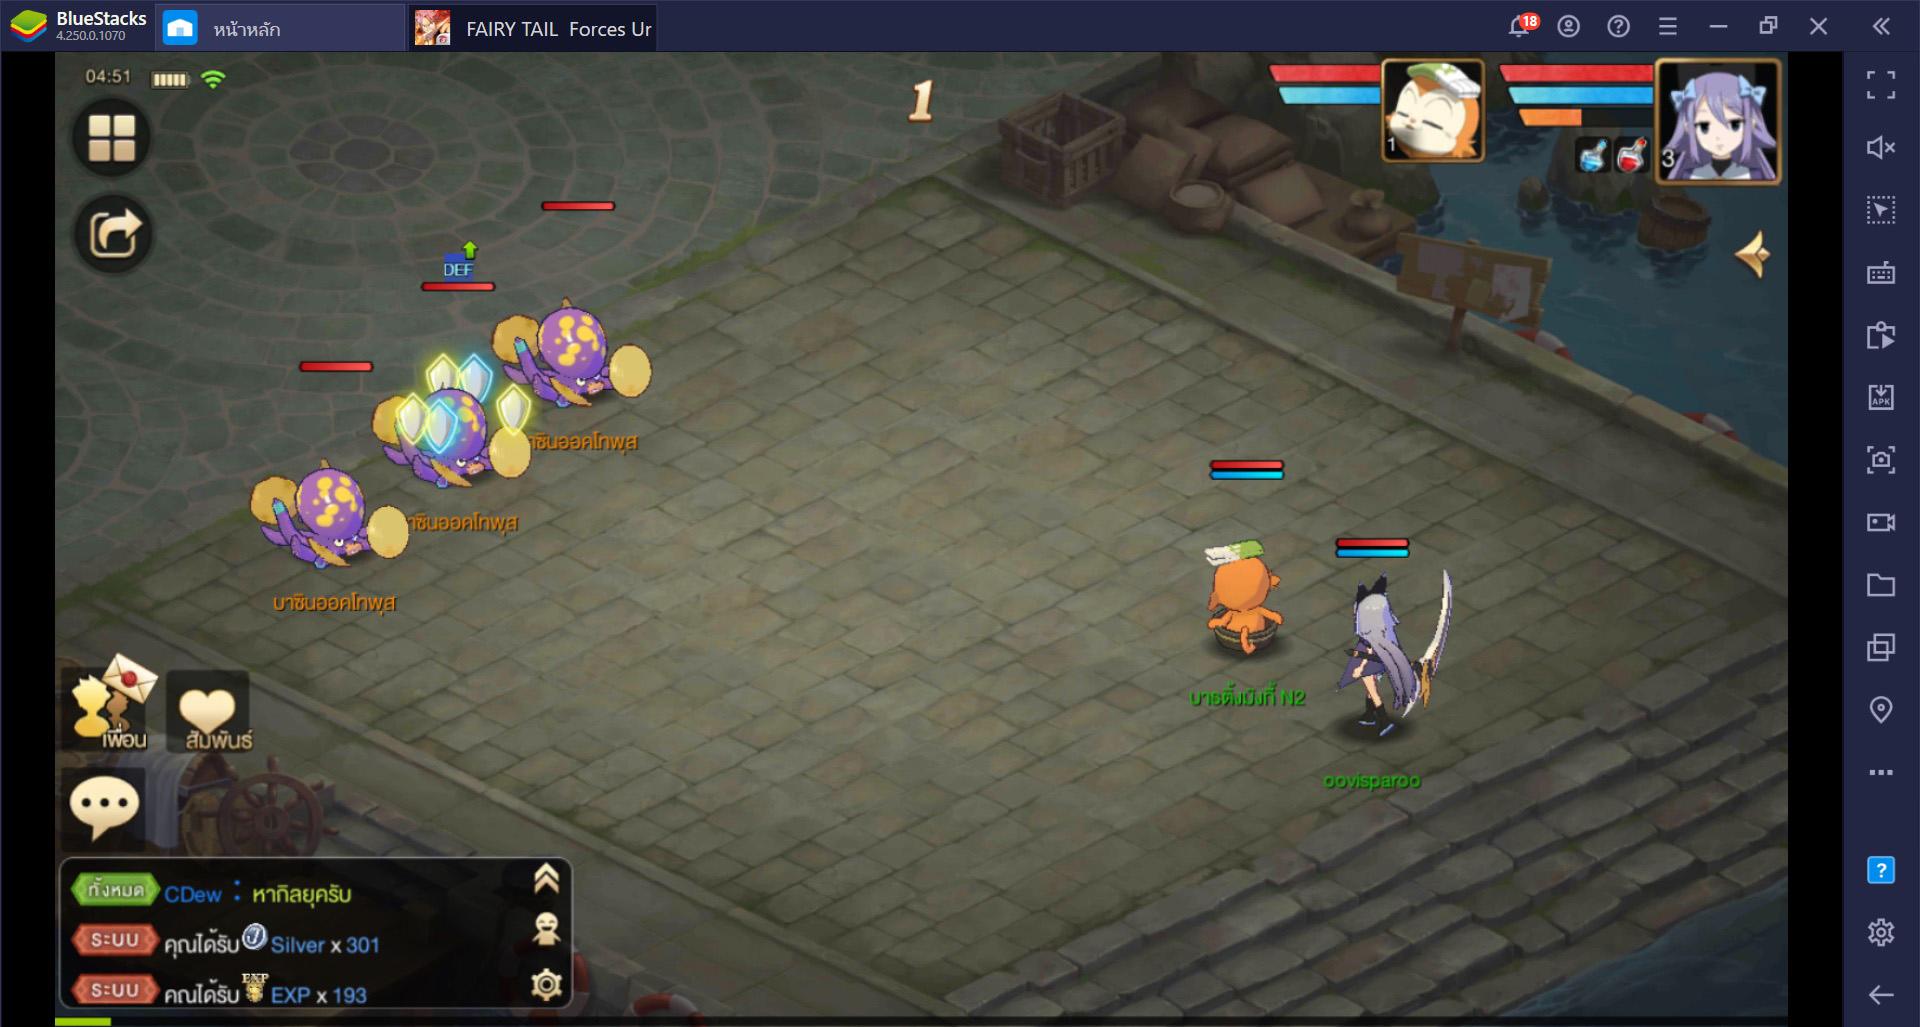 วิธีการเล่น Fairy Tail Forces Unite ใน PC ผ่าน BlueStacks